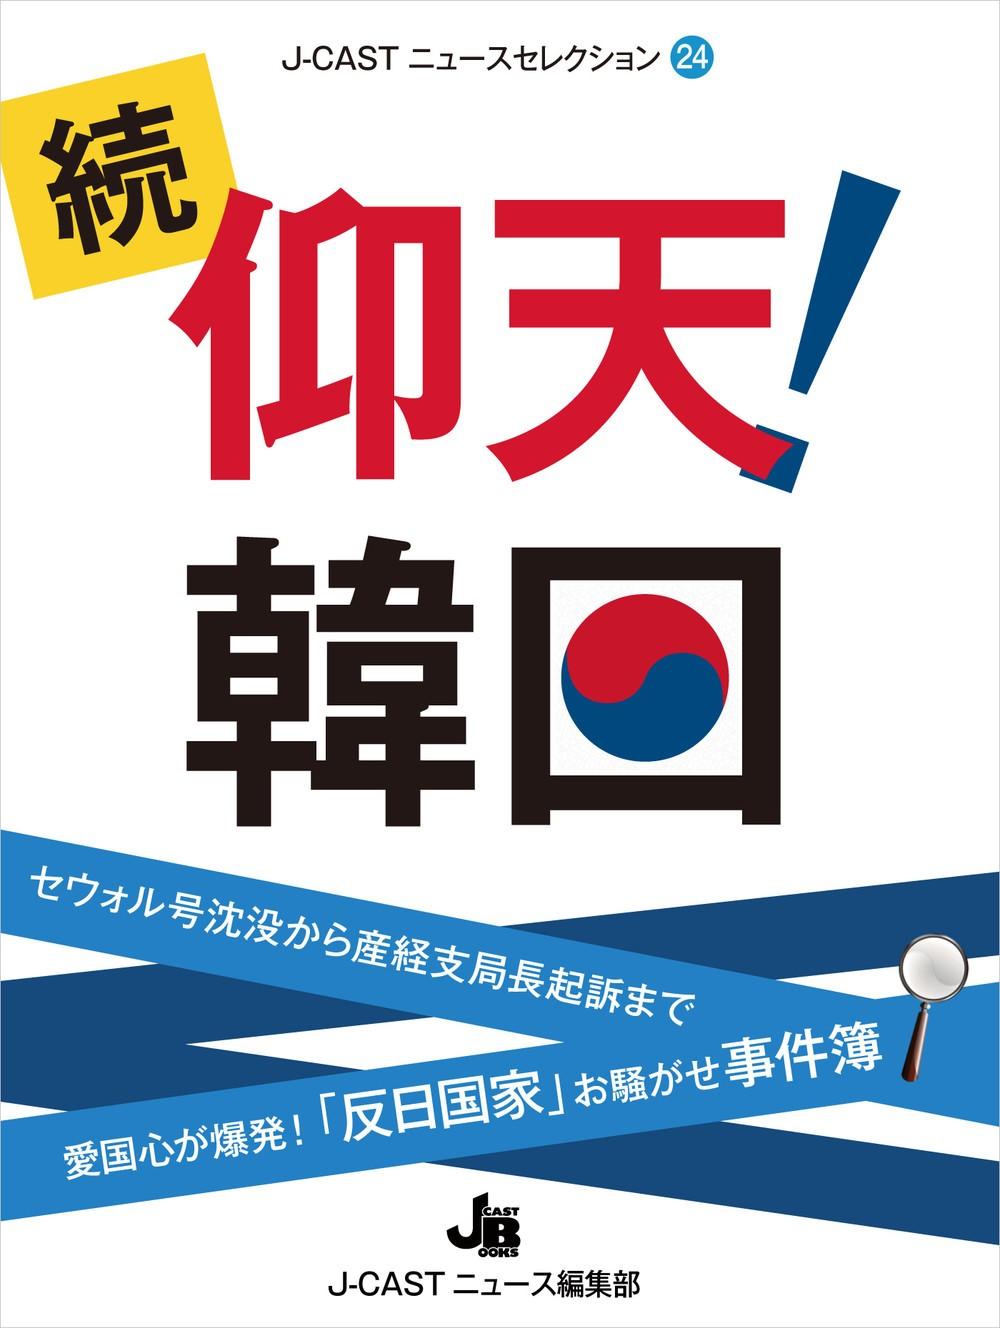 J-CASTニュースセレクション24『続・仰天韓国』